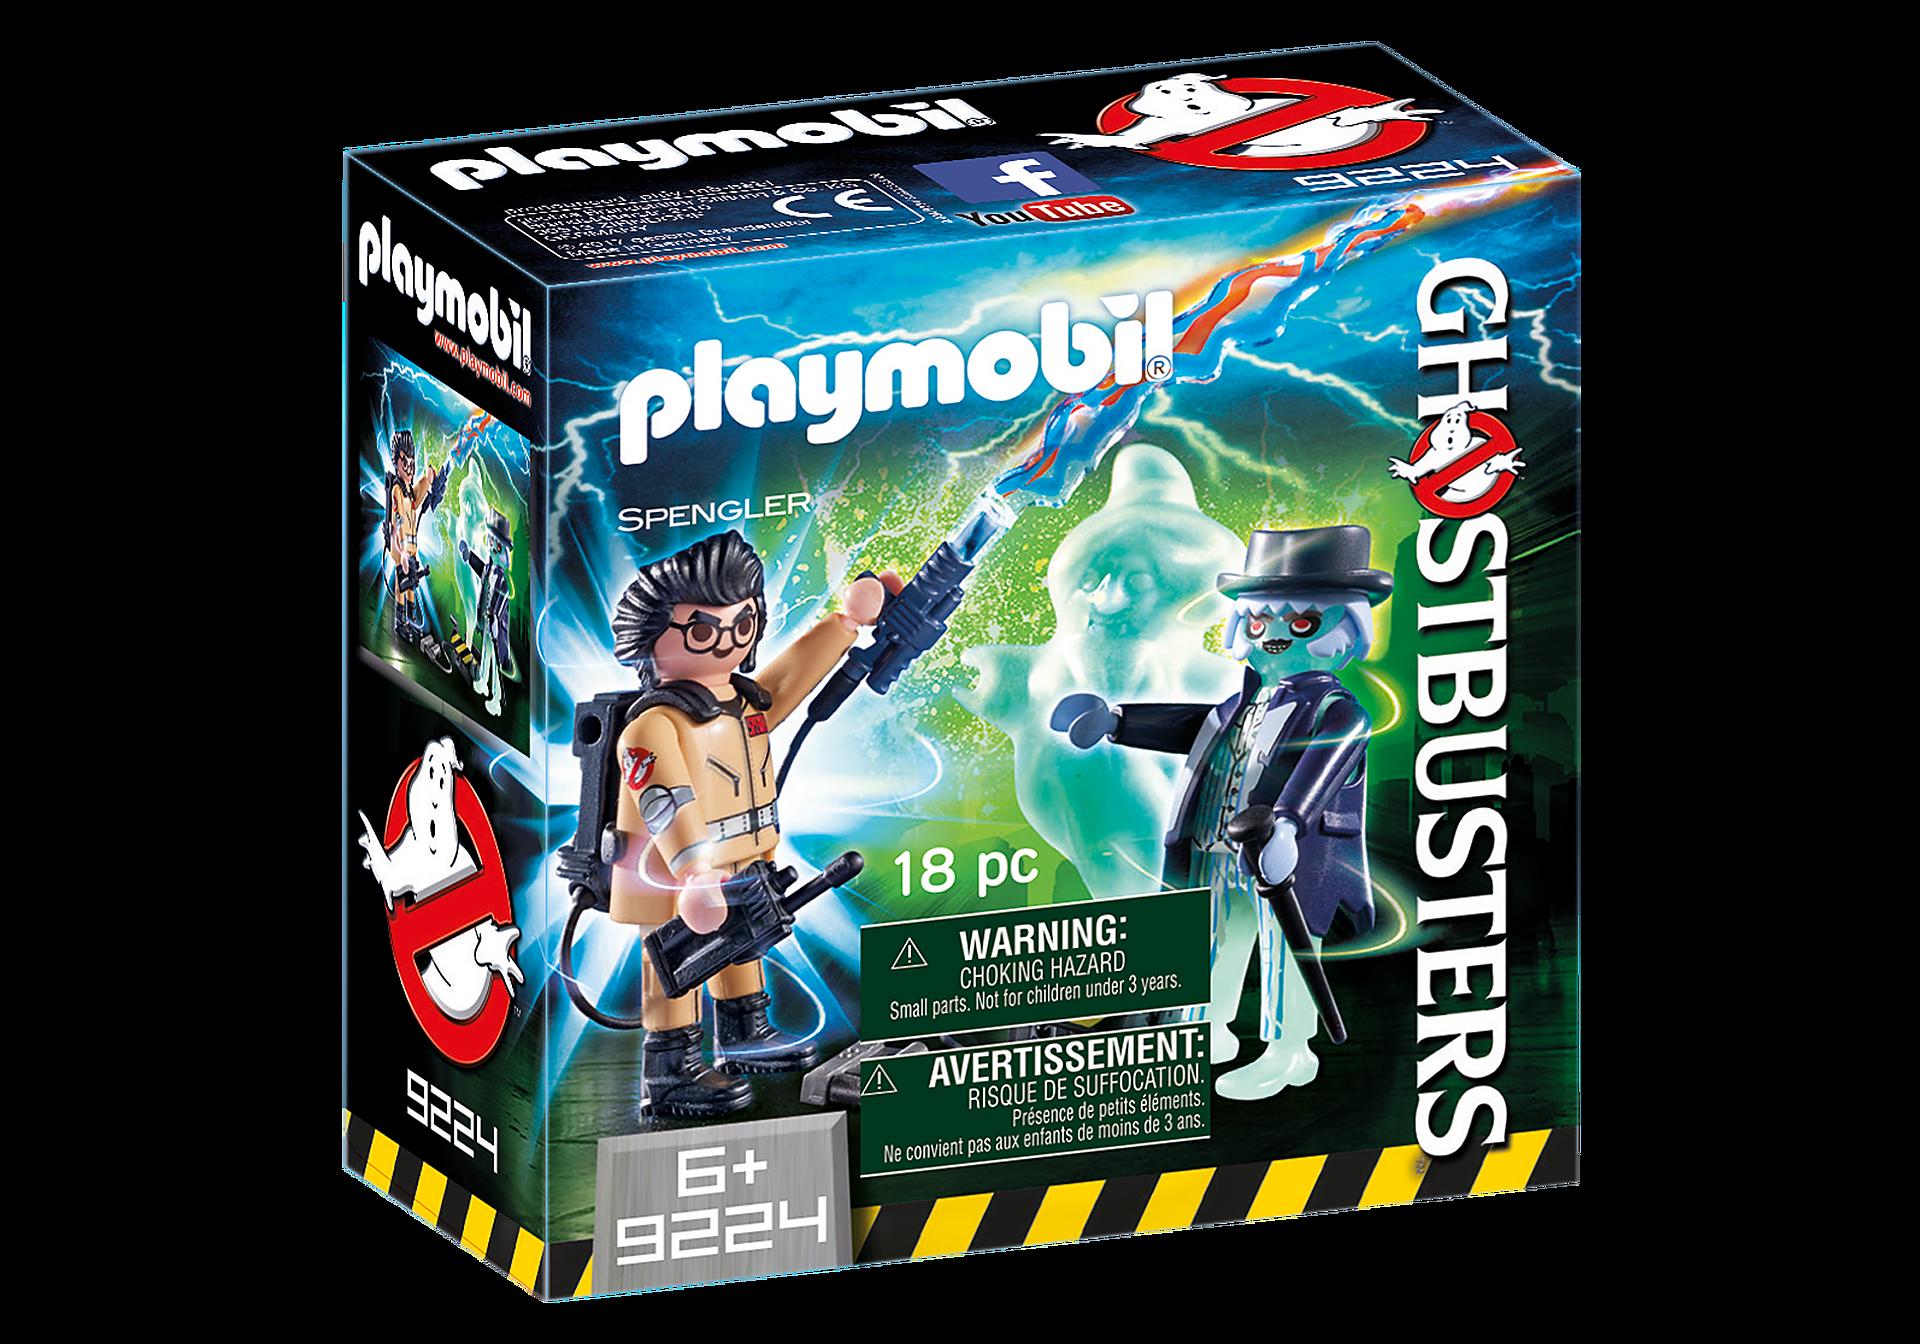 http://media.playmobil.com/i/playmobil/9224_product_box_front/Spengler og spøgelse